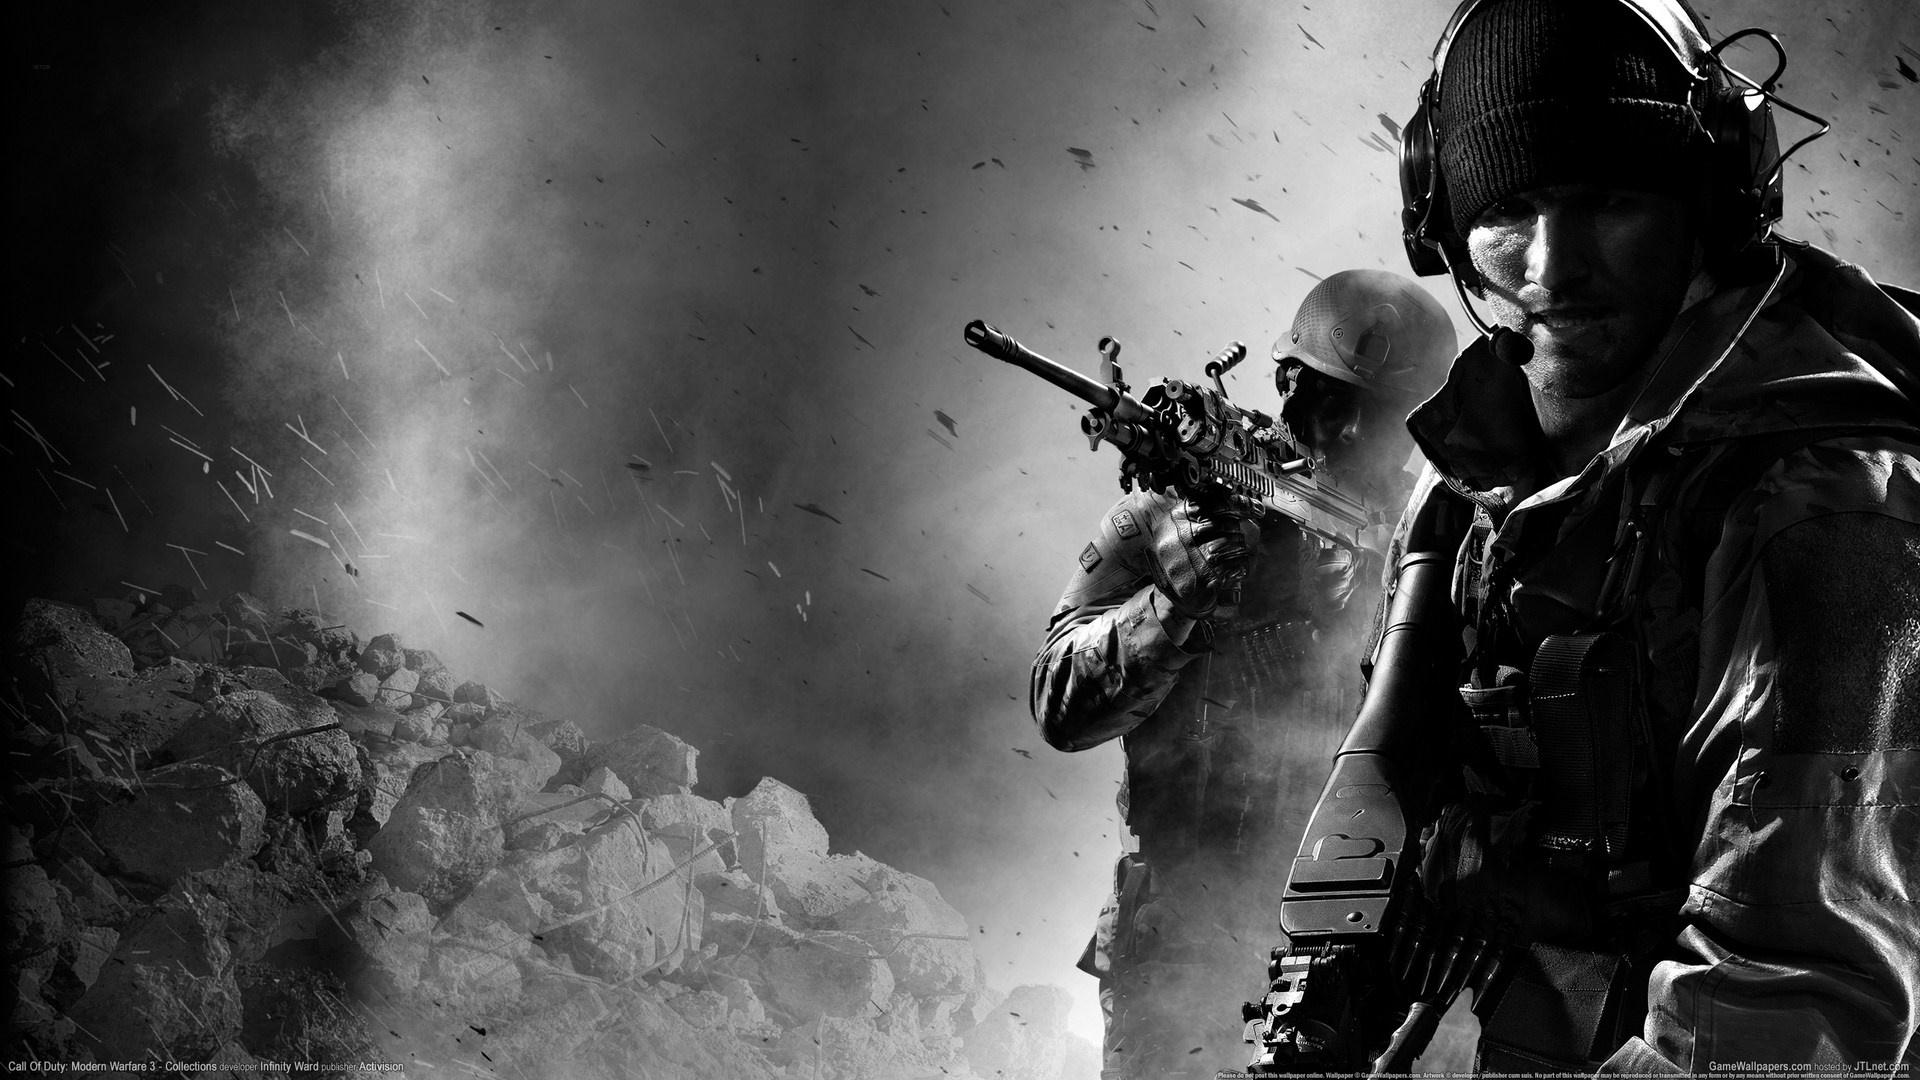 Hintergrundbilder Von Call Of Duty: Call Of Duty: Modern Warfare 3 HD 2012 1920x1080 Full HD